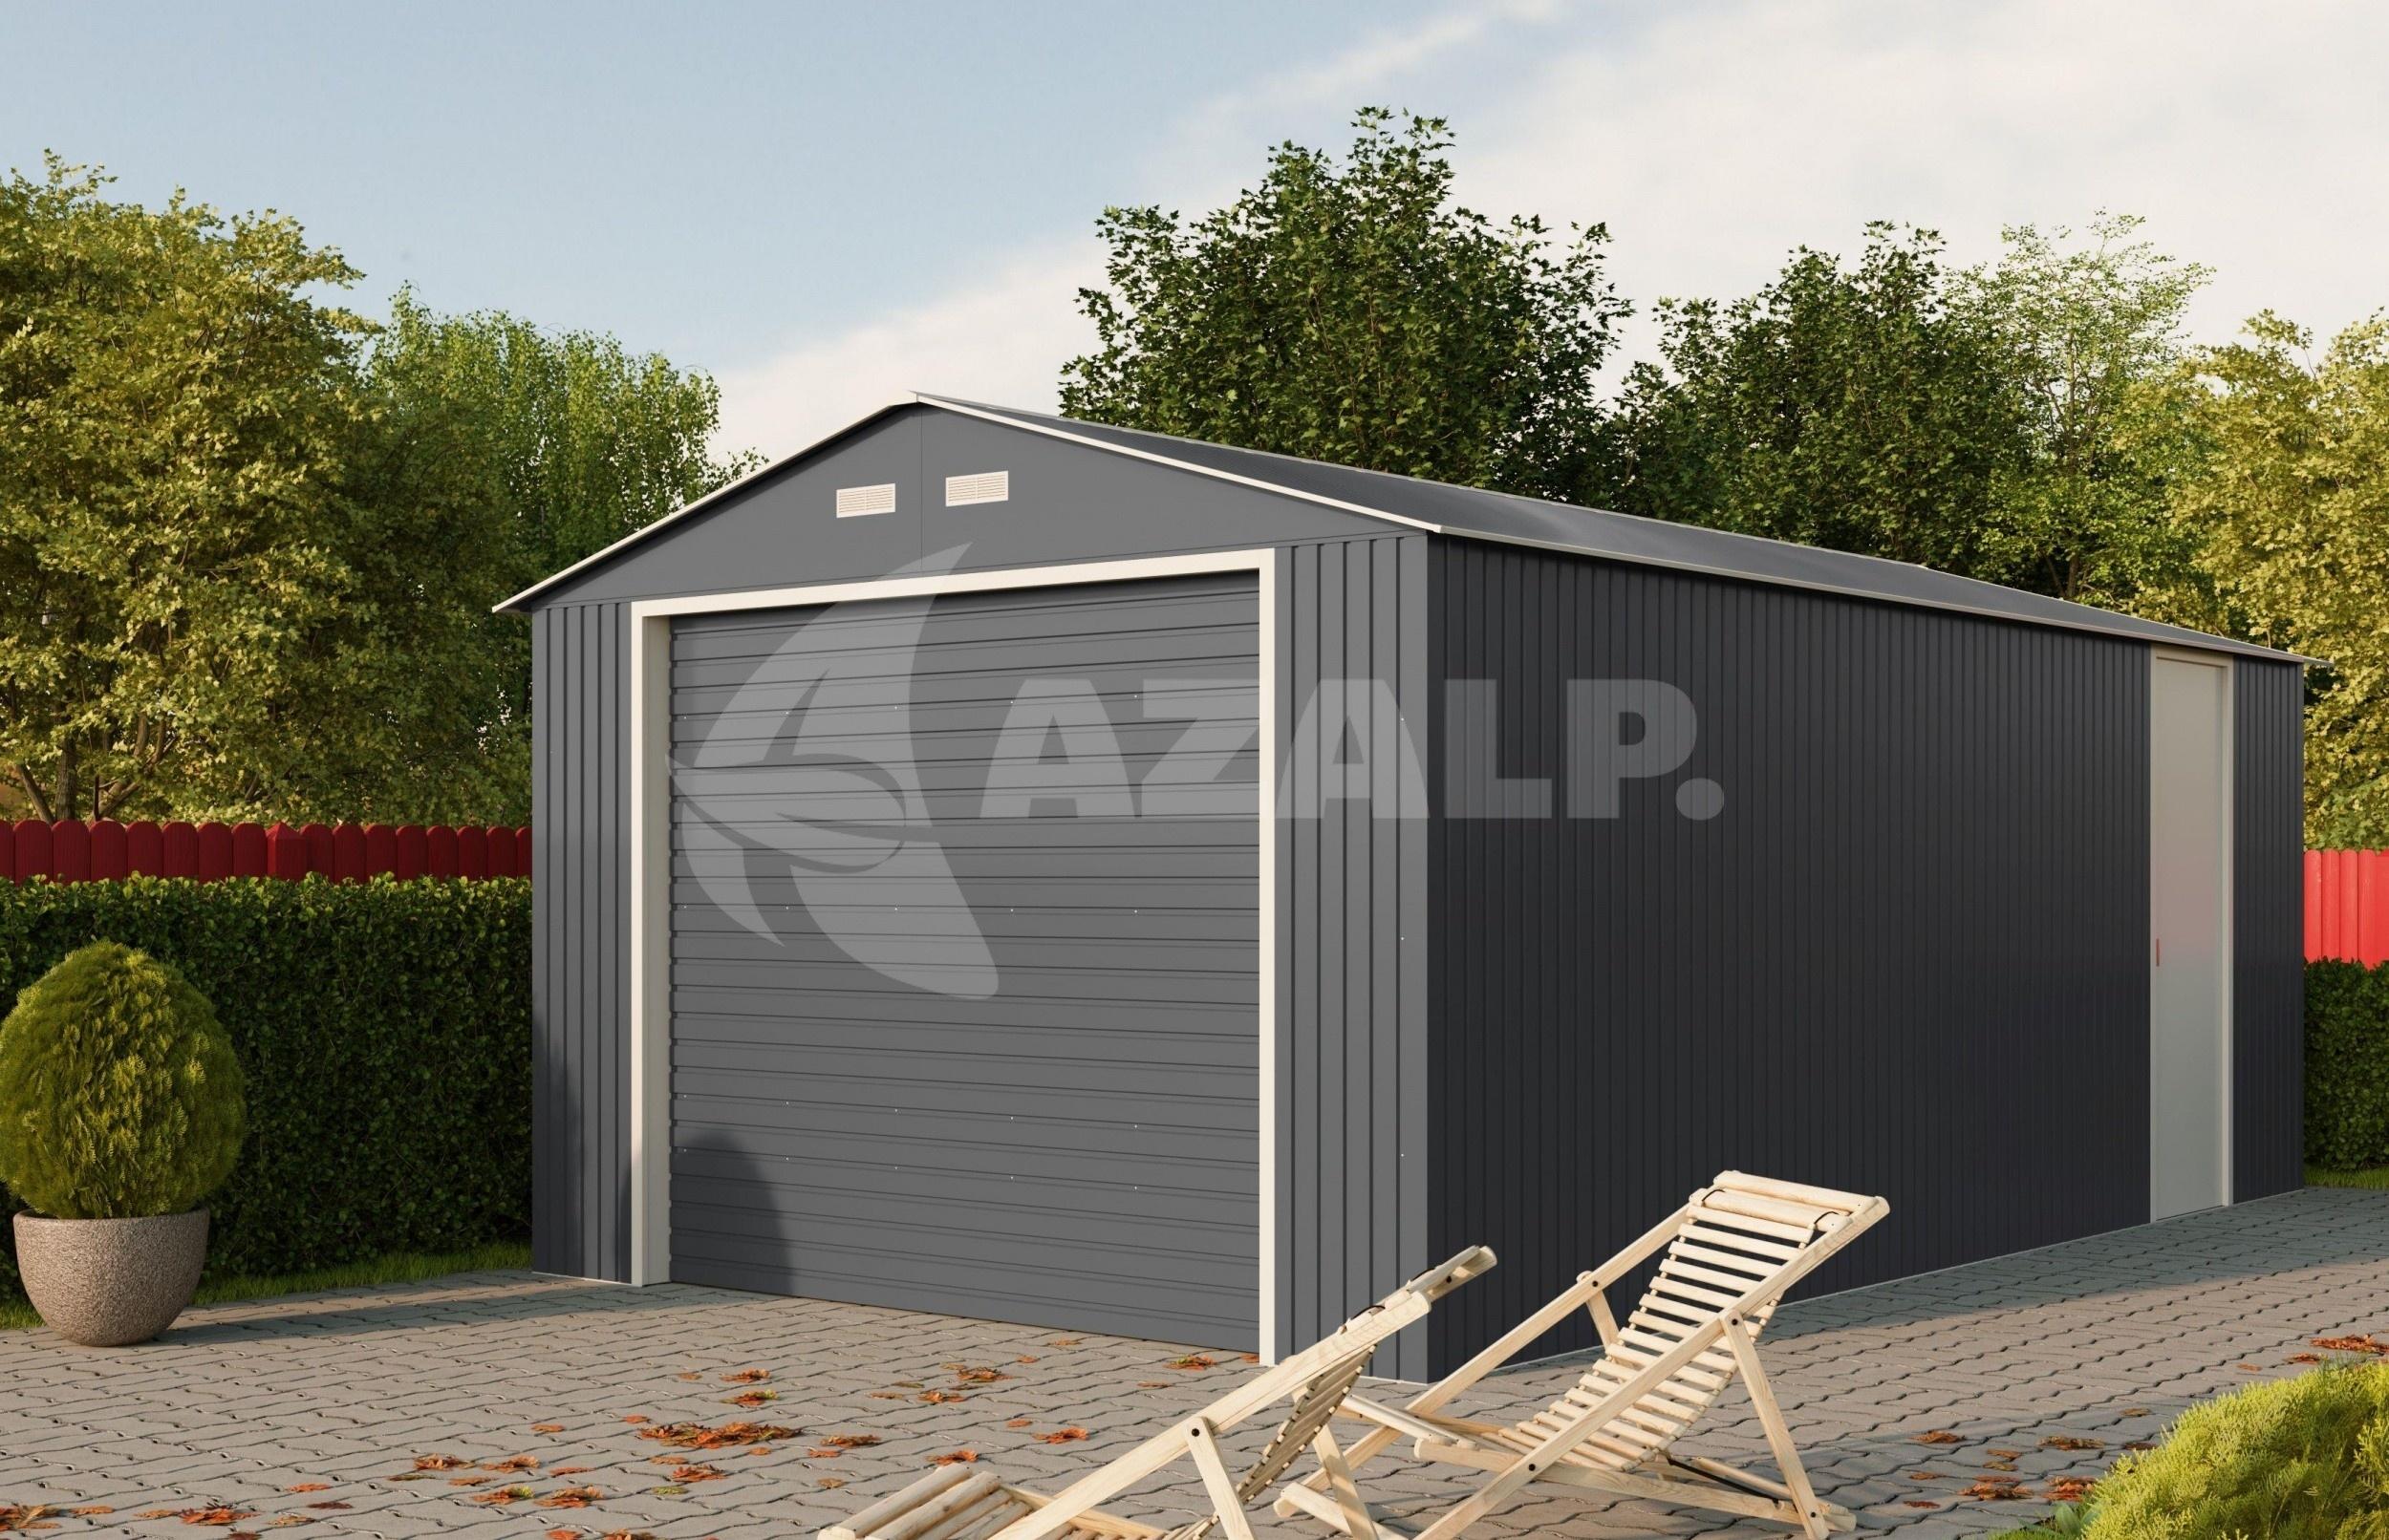 Kachel Voor Garage : Duramax garage 12x20 b antraciet kopen bij azalp.nl